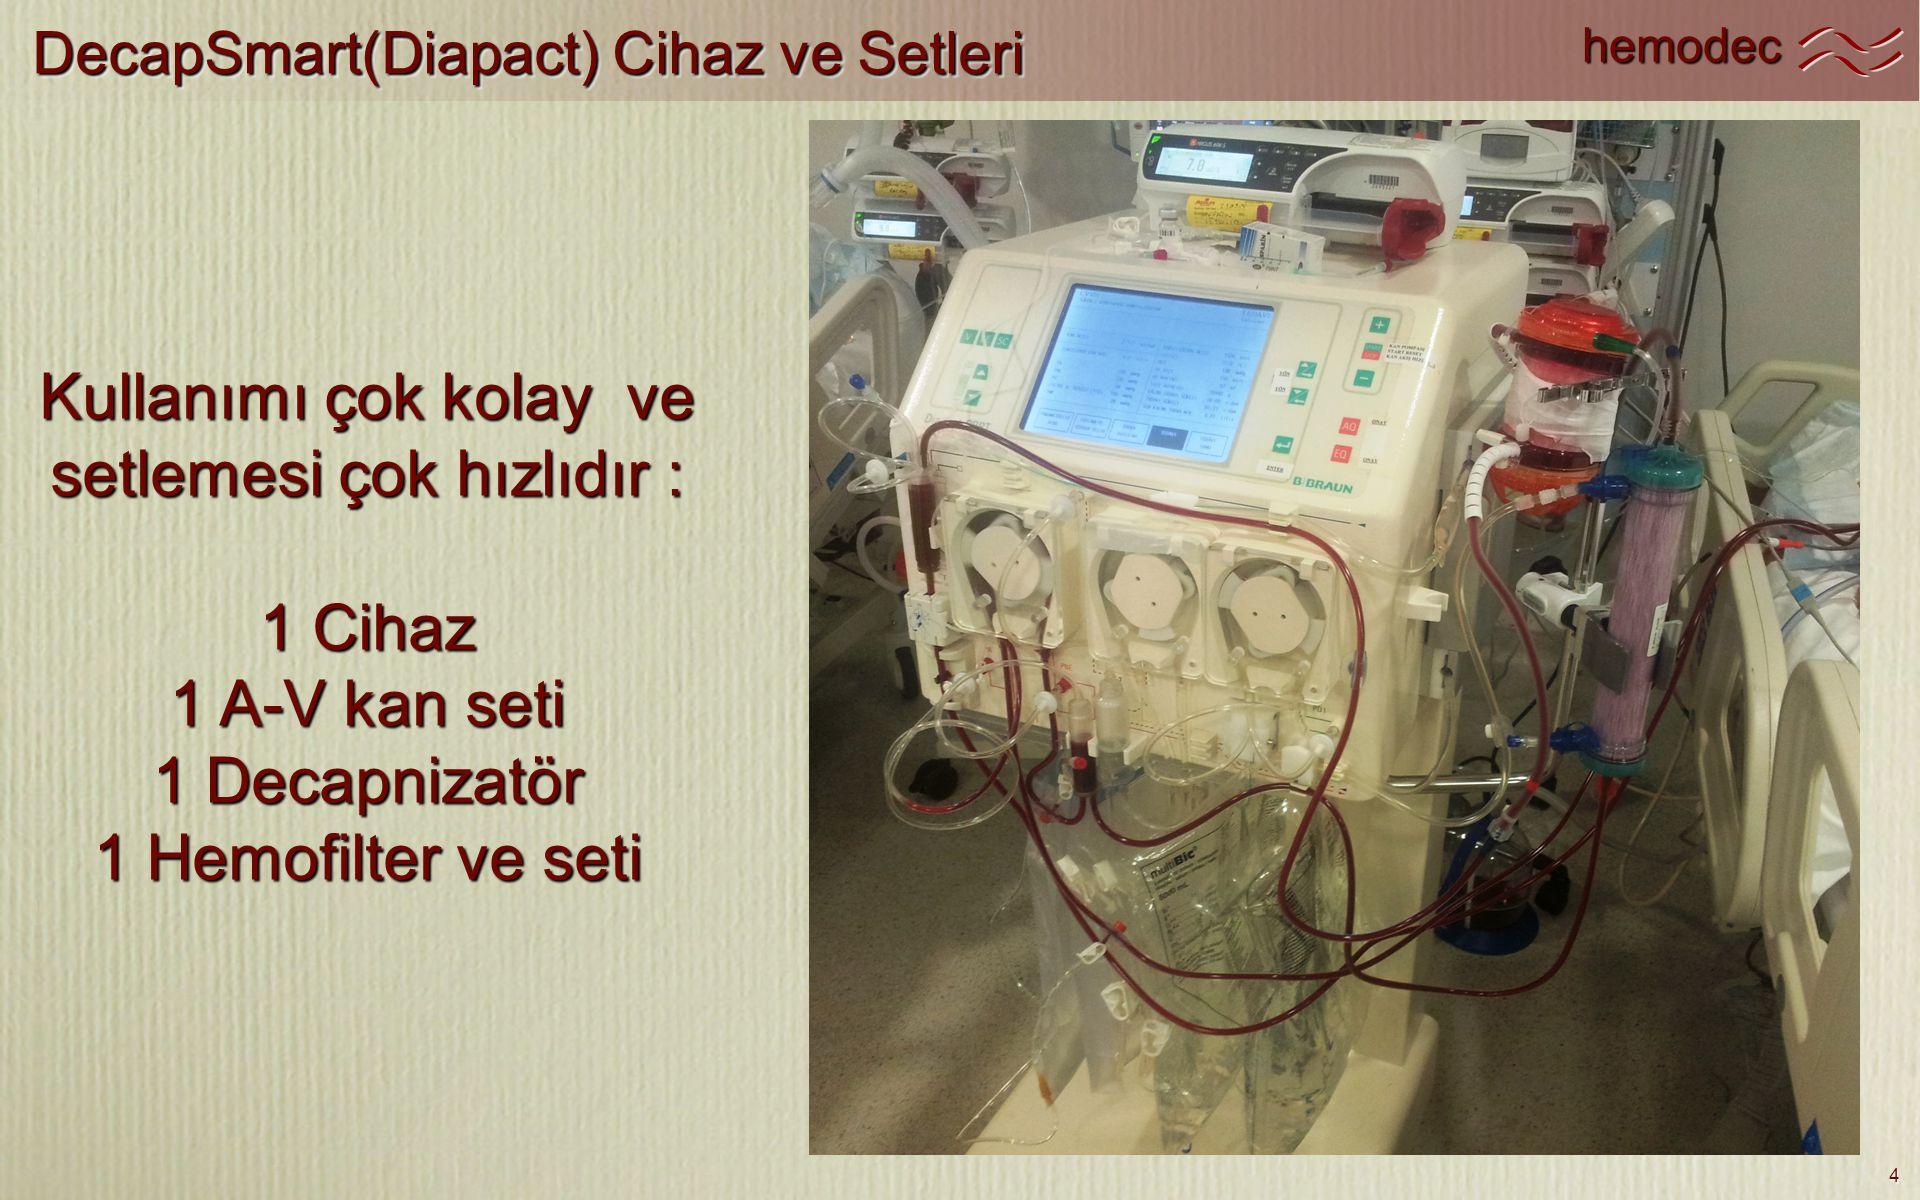 hemodec 4 DecapSmart(Diapact) Cihaz ve Setleri Kullanımı çok kolay ve setlemesi çok hızlıdır : 1 Cihaz 1 A-V kan seti 1 Decapnizatör 1 Hemofilter ve s